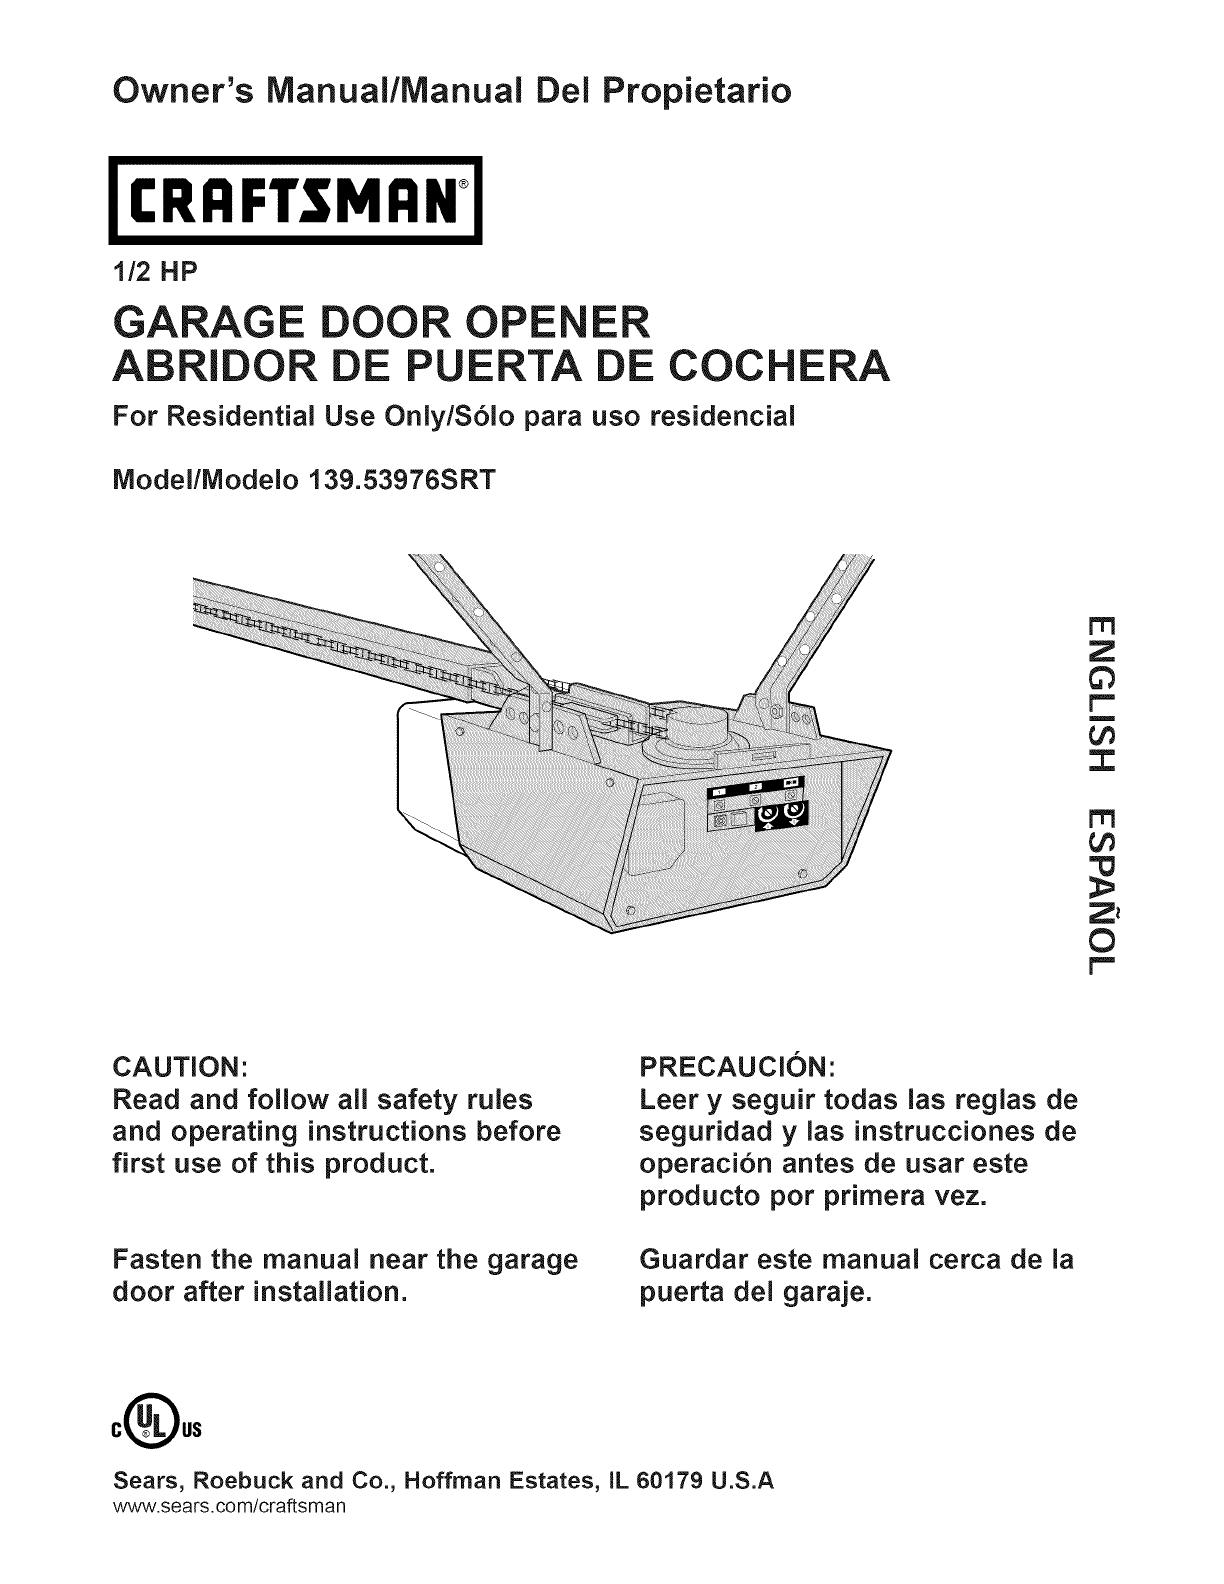 Craftsman 13953976srt User Manual Garage Door Opener Manuals And